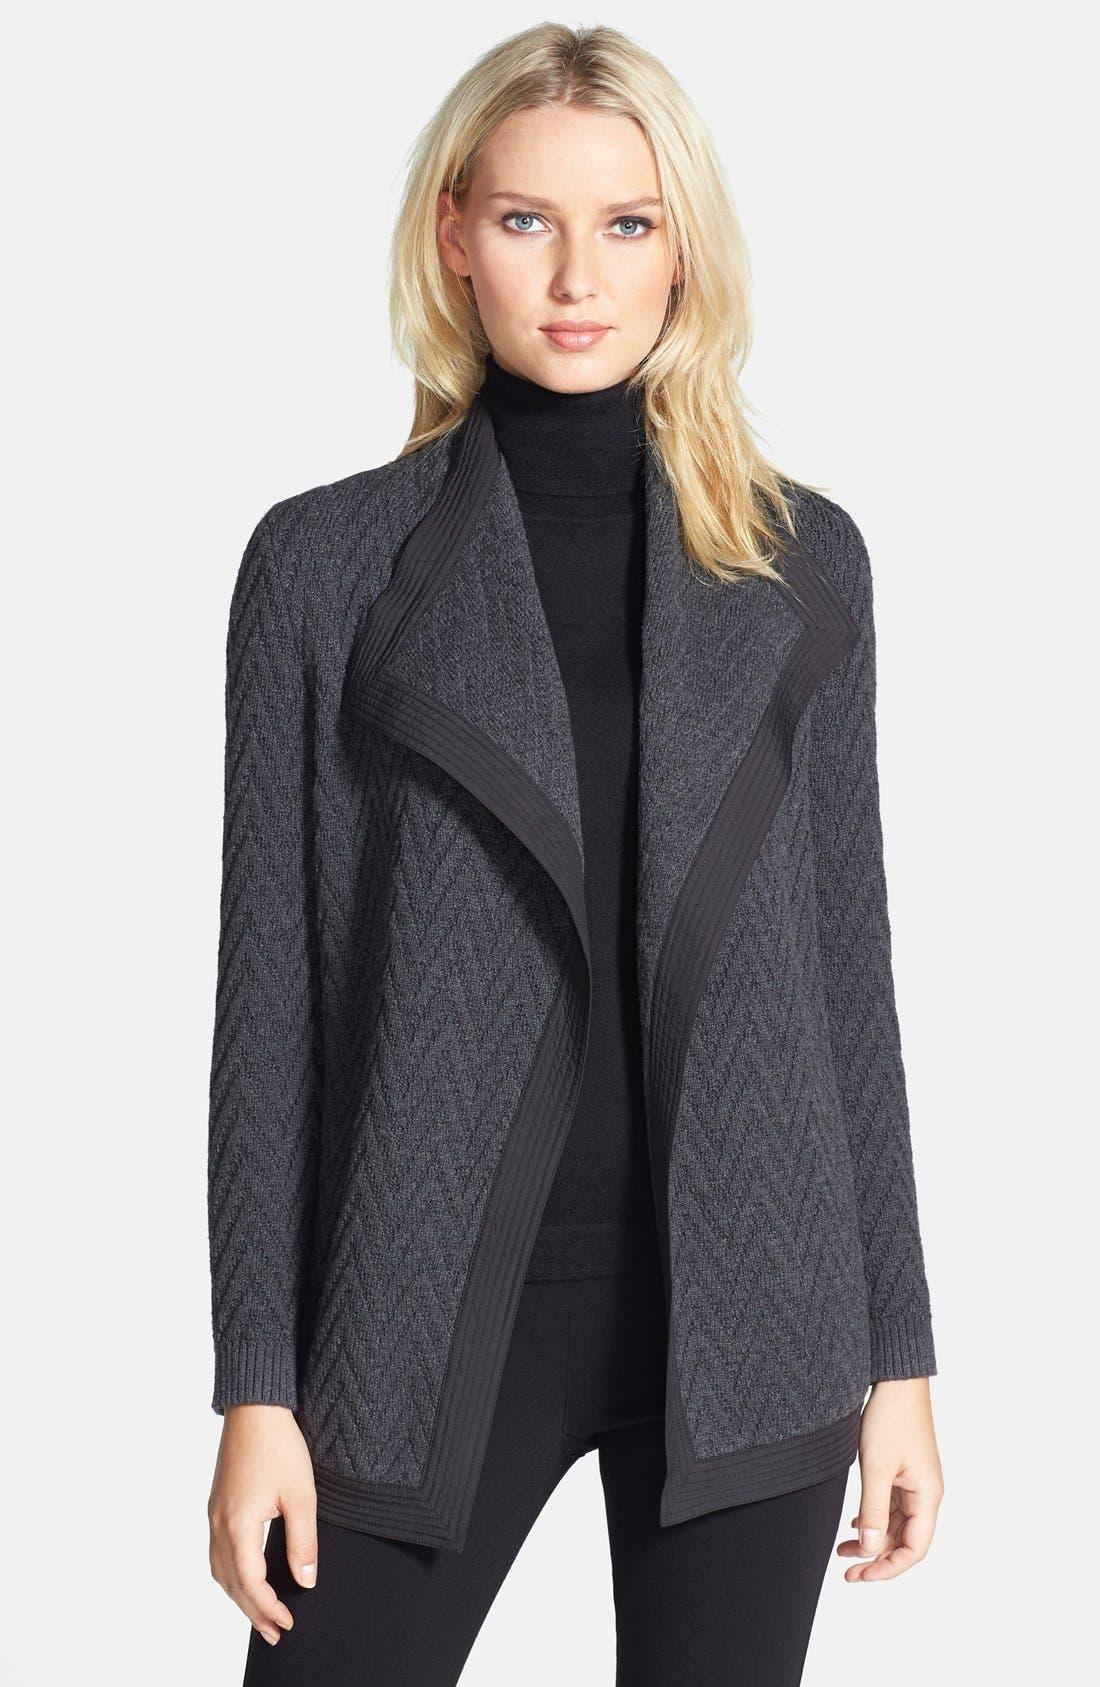 Main Image - Lafayette 148 New York Woven Back Zigzag Merino Wool Cardigan (Regular & Petite)